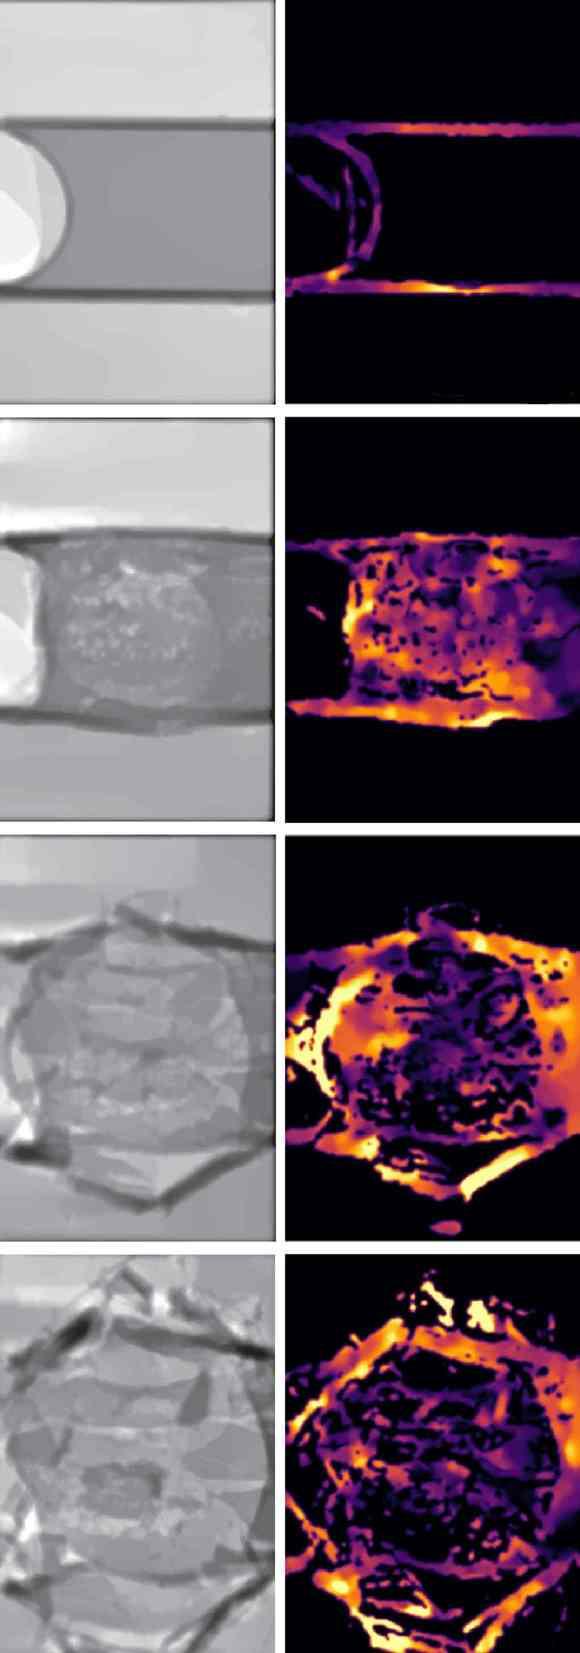 Die ersten sechs Mikrosekunden eines explodierenden Wasserröhrchens von etwa 200 Mikrometern Durchmesser nach zwei unterschiedlichen Analysemethoden (links: Graustufen nach Phasenverschiebung der Laserwellen, rechts: farbcodiertes Geschwindigkeitsfeld der Bruchstücke). (Bild: European XFEL)